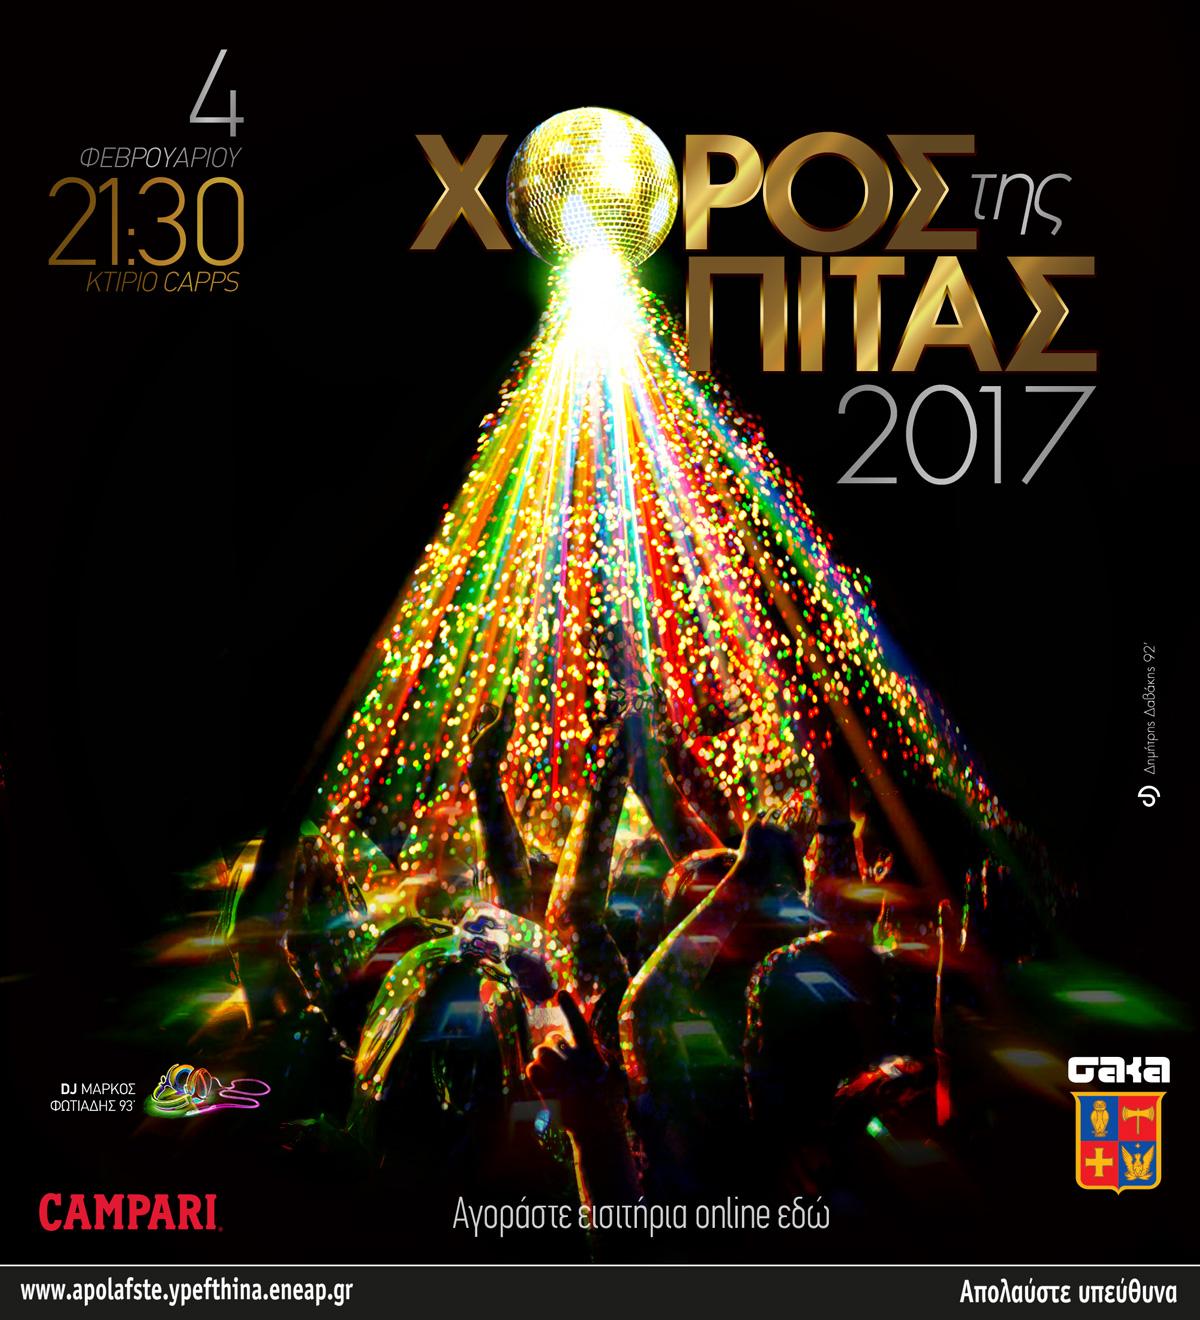 Ecard_xorospitas2017